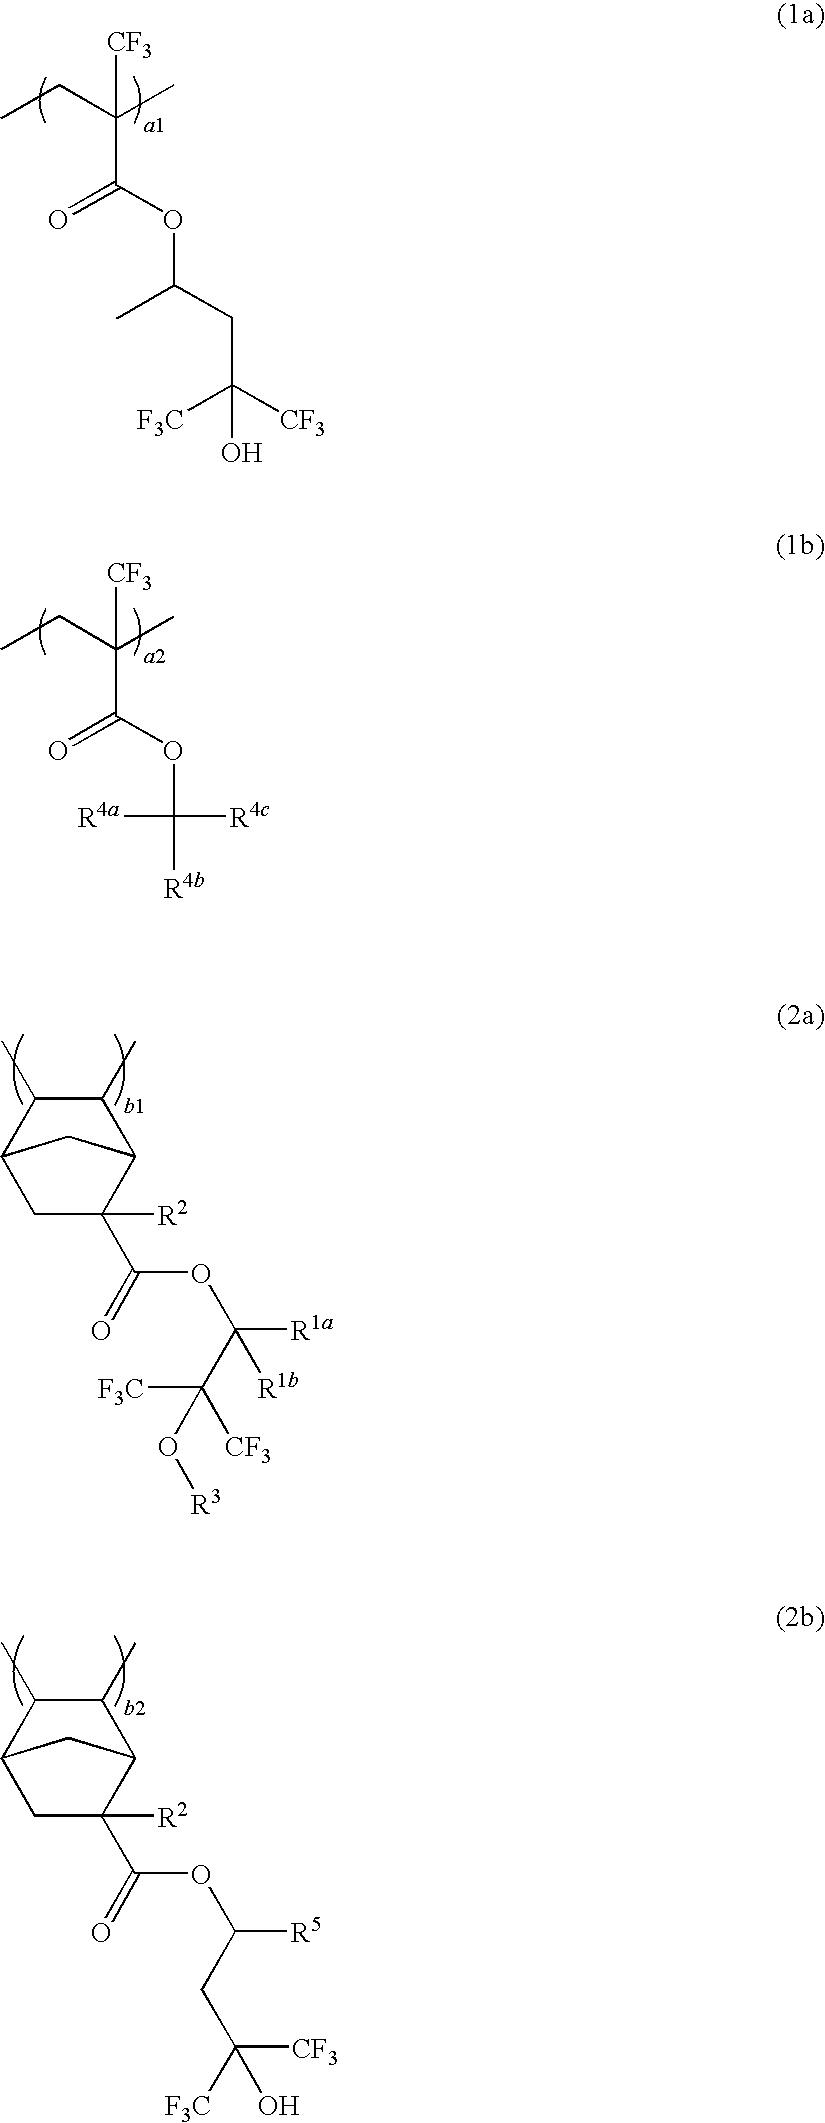 Figure US20090280434A1-20091112-C00005